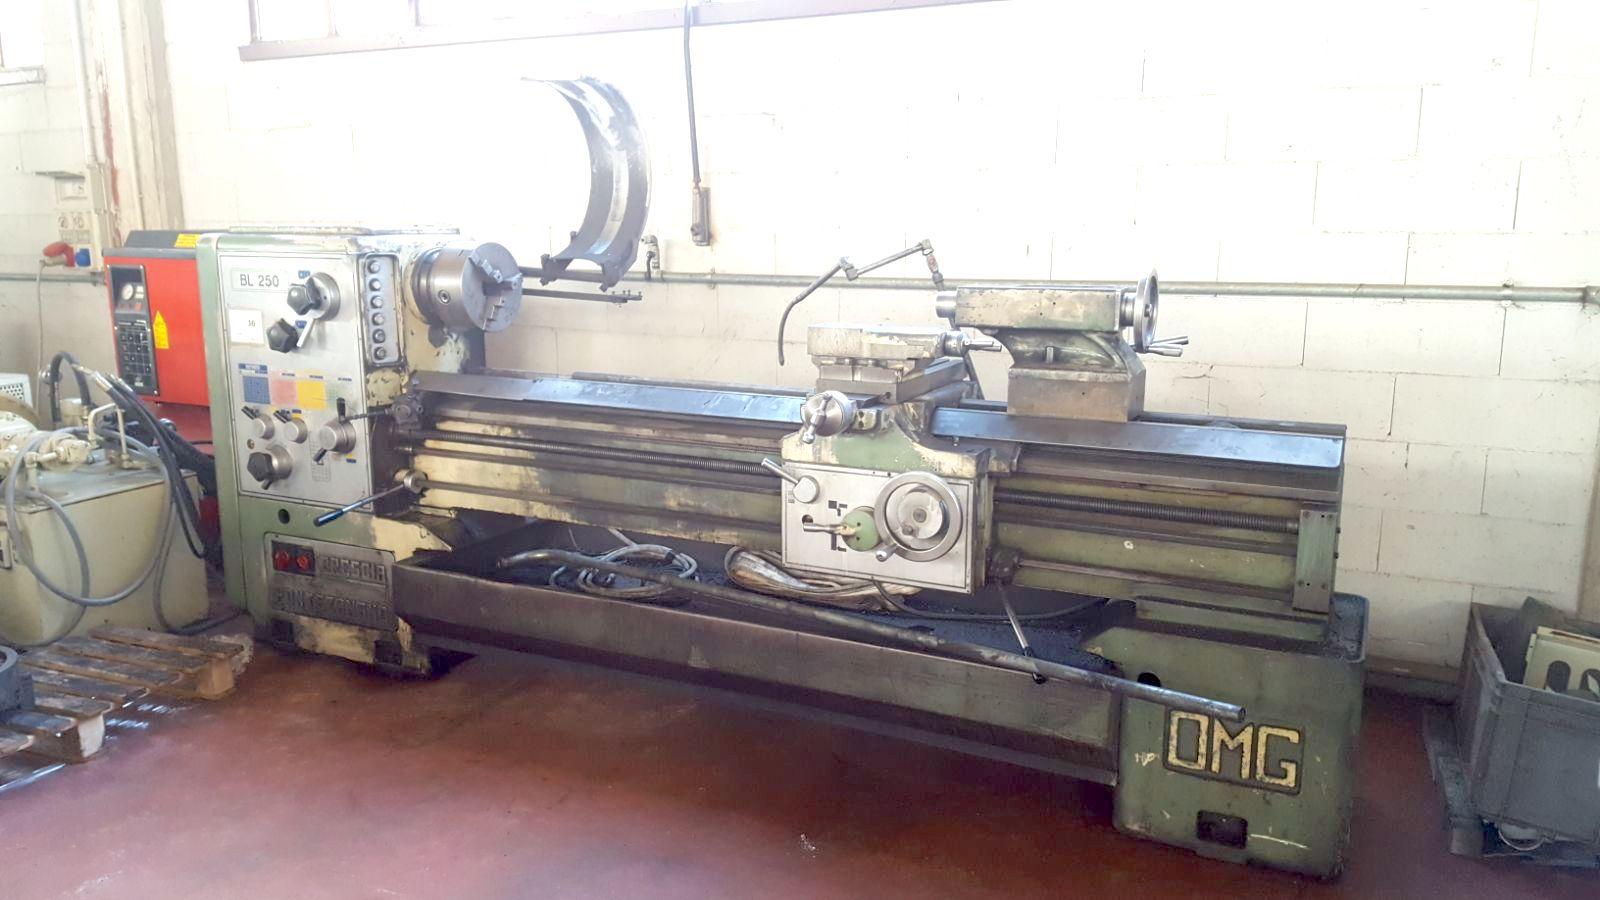 Rivenditore tornio omg zanoletti 250 usato gamba macchine for Tornio omg zanoletti usato